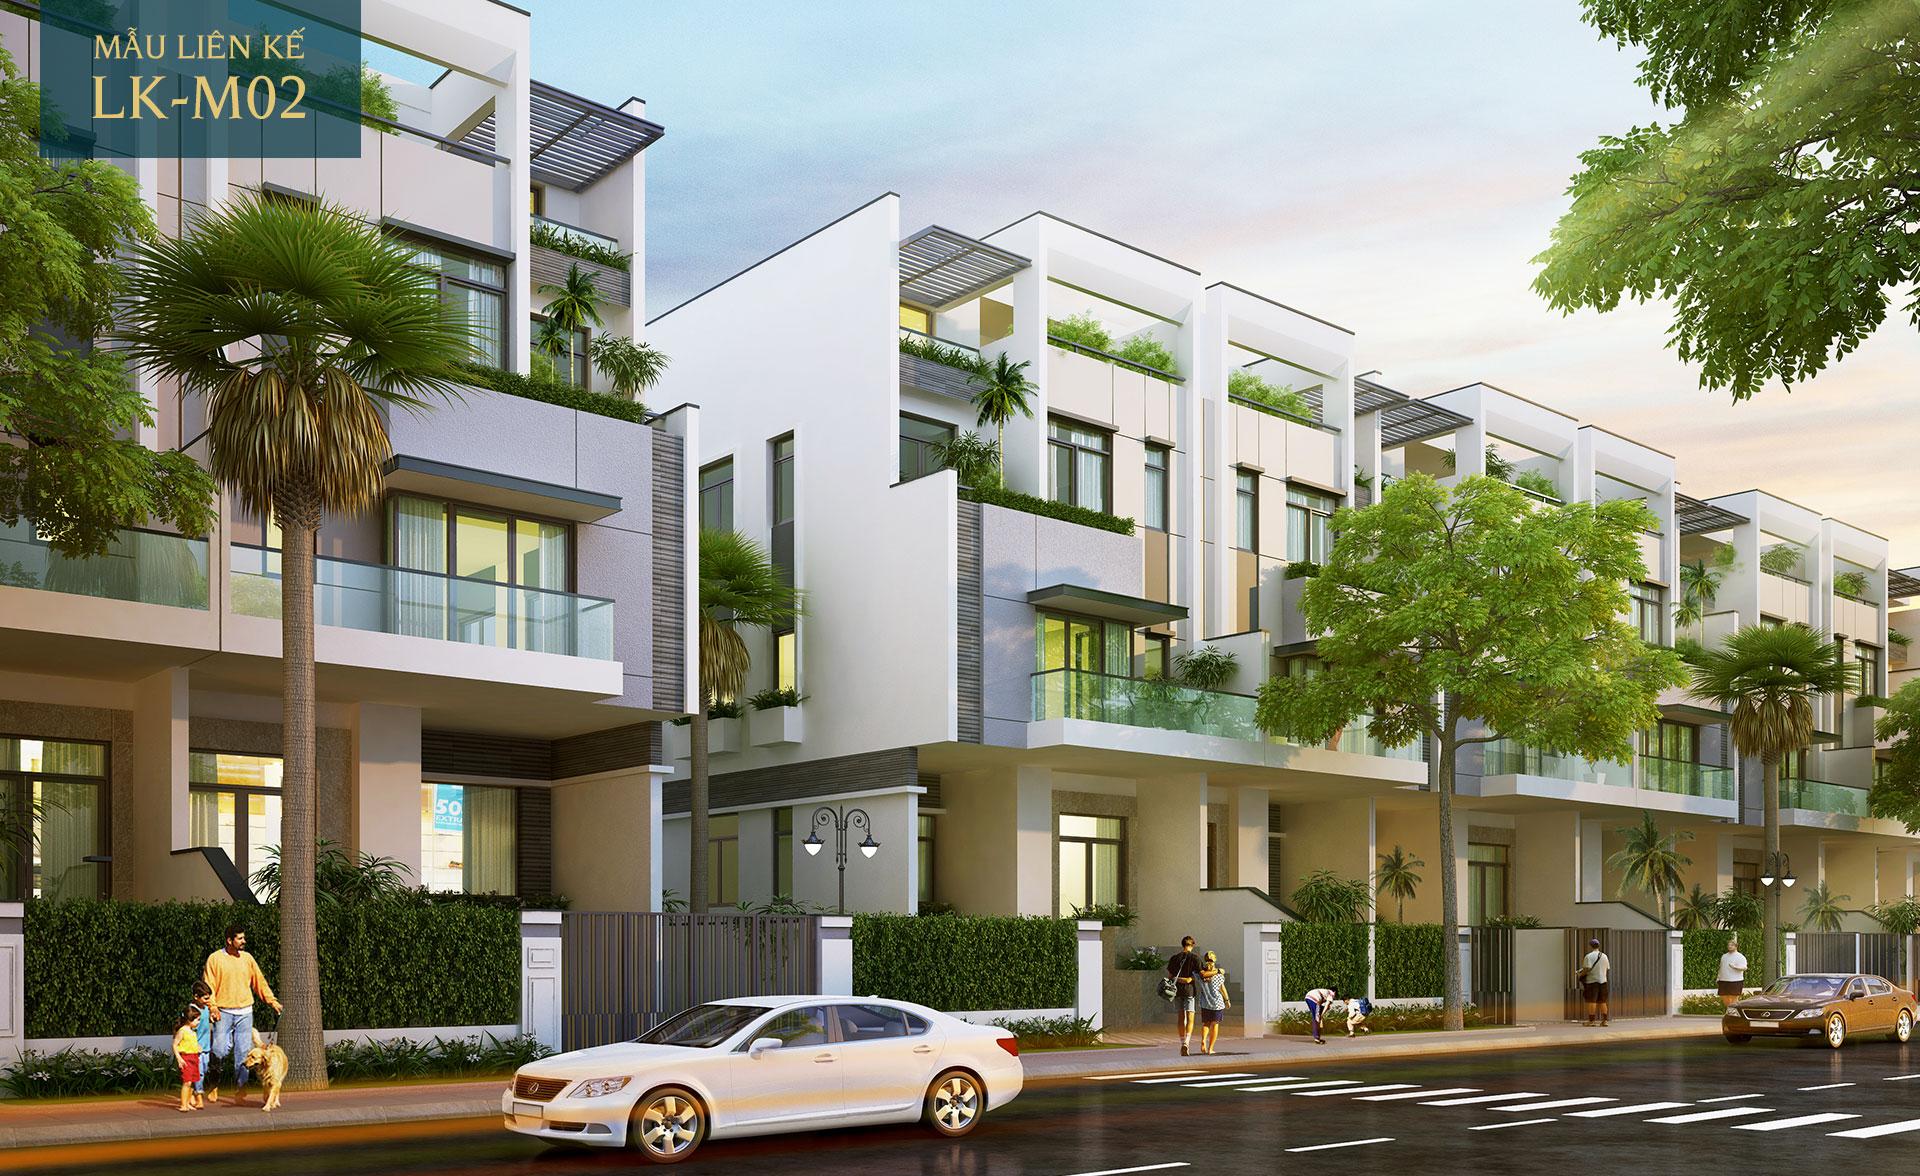 Mẫu nhà phố liên kế LK-M02 Saigon Mystery Villas Quận 2